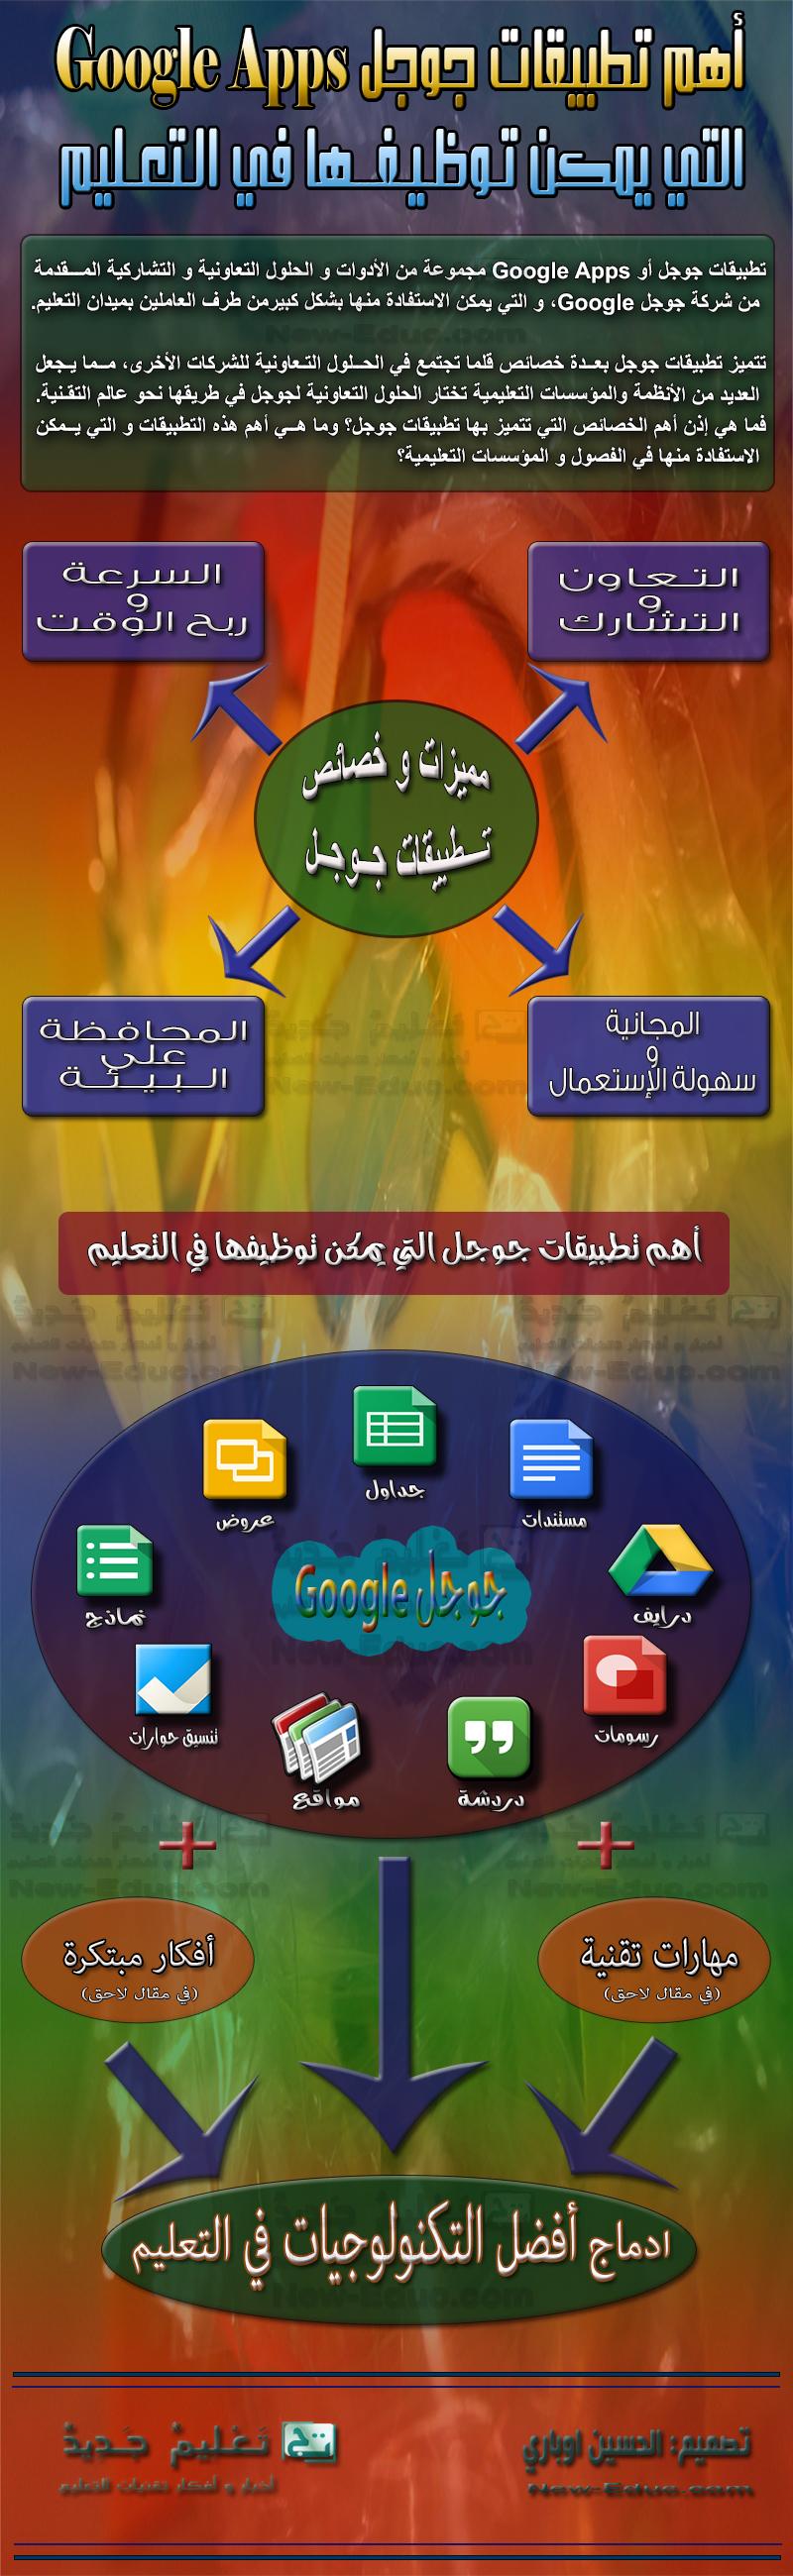 تطبيقات جوجل المجانية